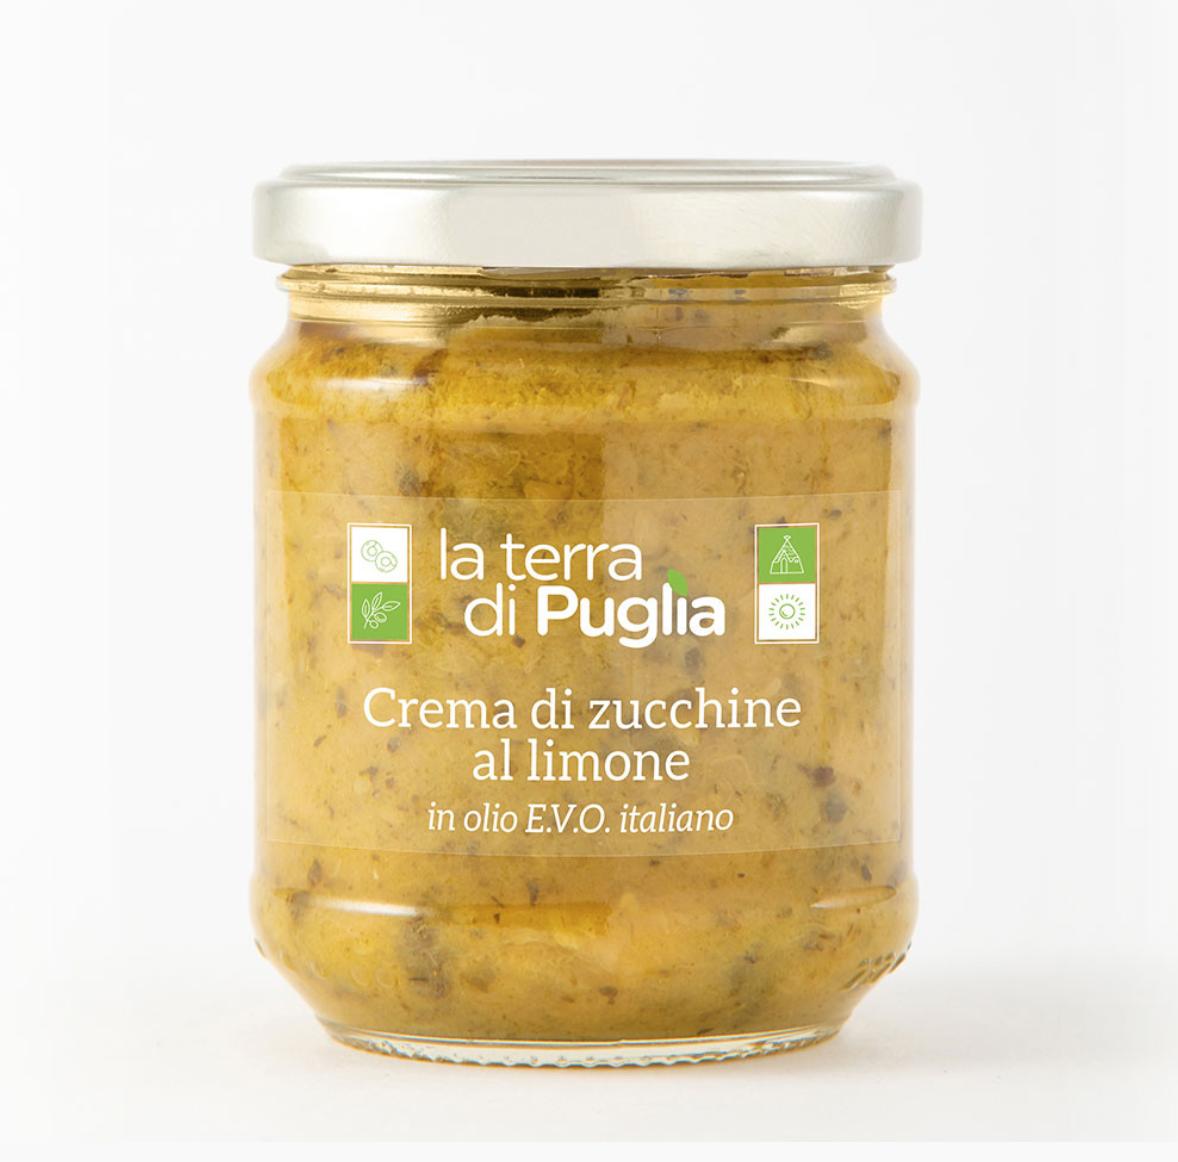 ingrosso online, crema di zucchine al limone – La Terra di Puglia